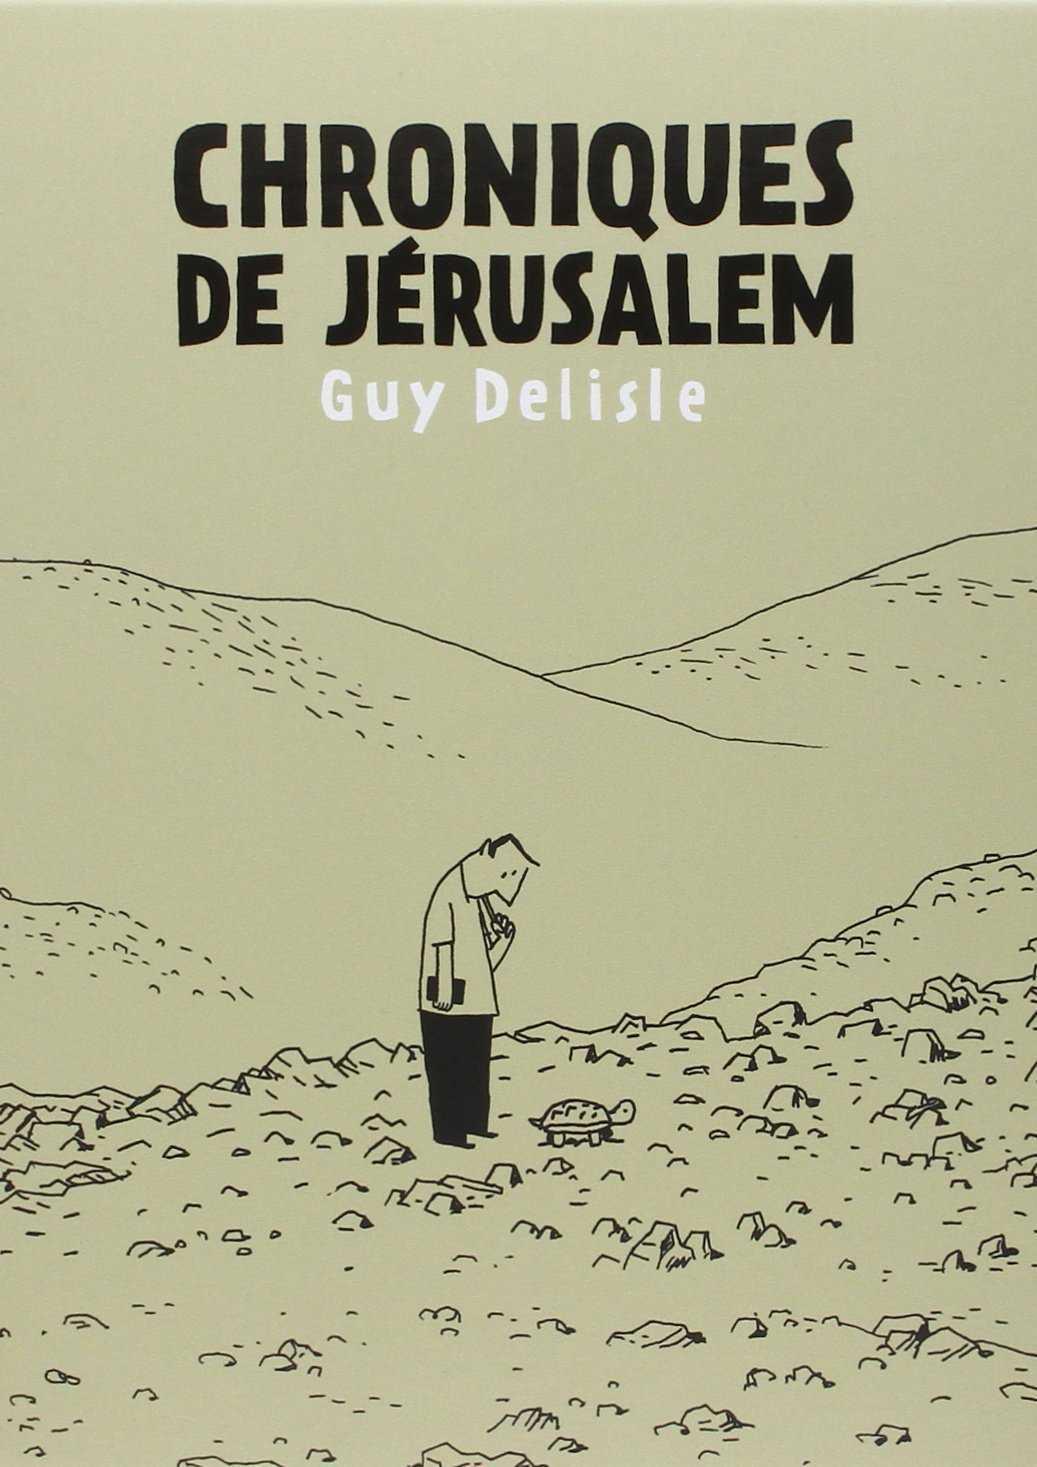 Delcourt : intégrales avec Davodeau, Delisle, Bagieu, Masbou et Aryoles